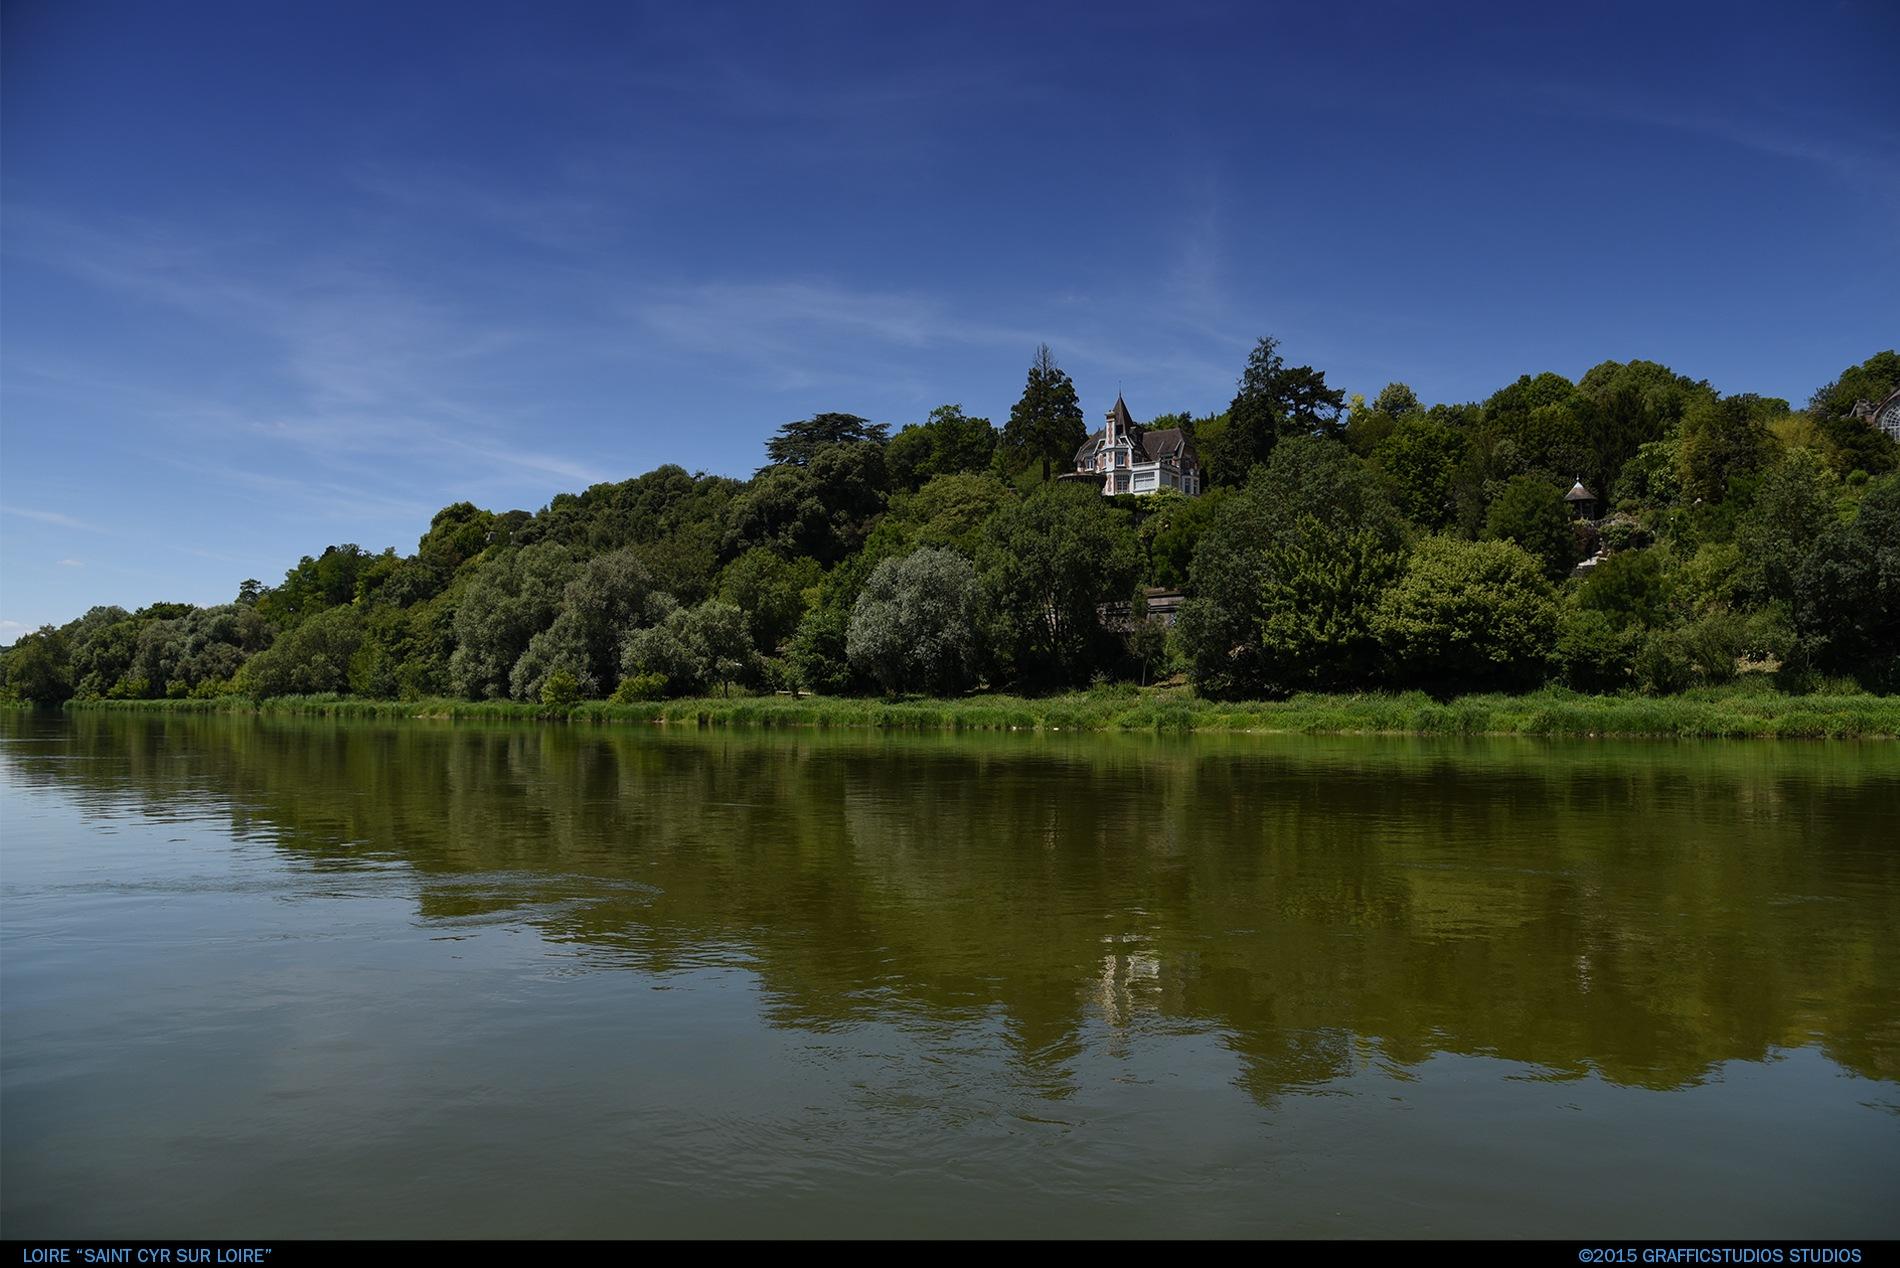 Tours - Loire Valley by GRAFFICSTUDIOS - JP SPARROW